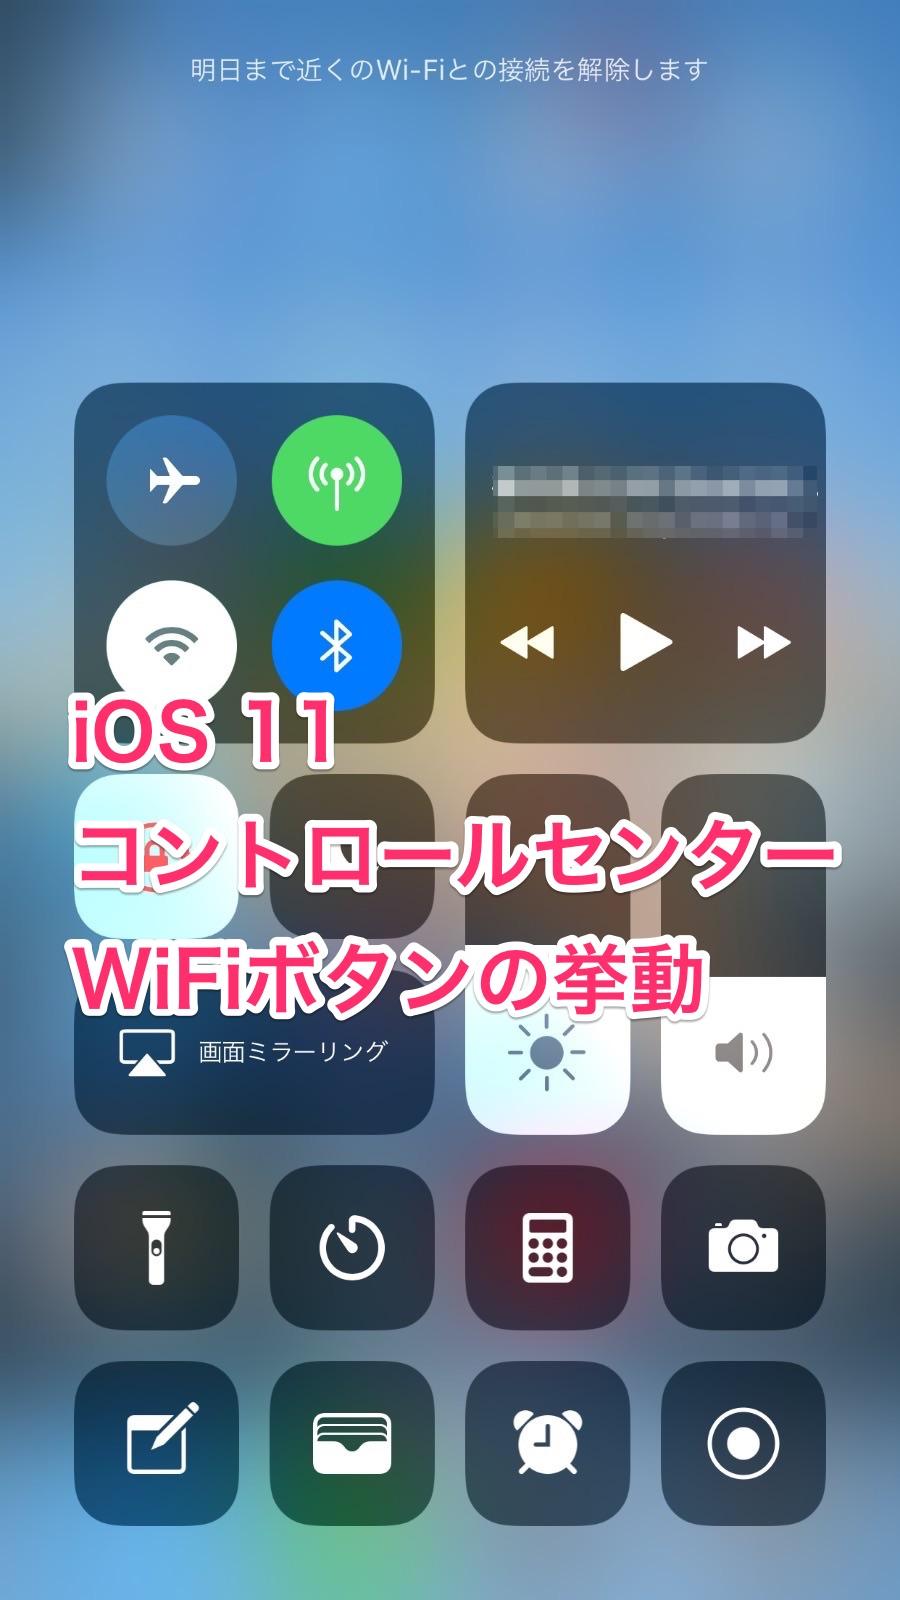 【iOS 11】コントロールセンターにおけるWiFiボタンの挙動について